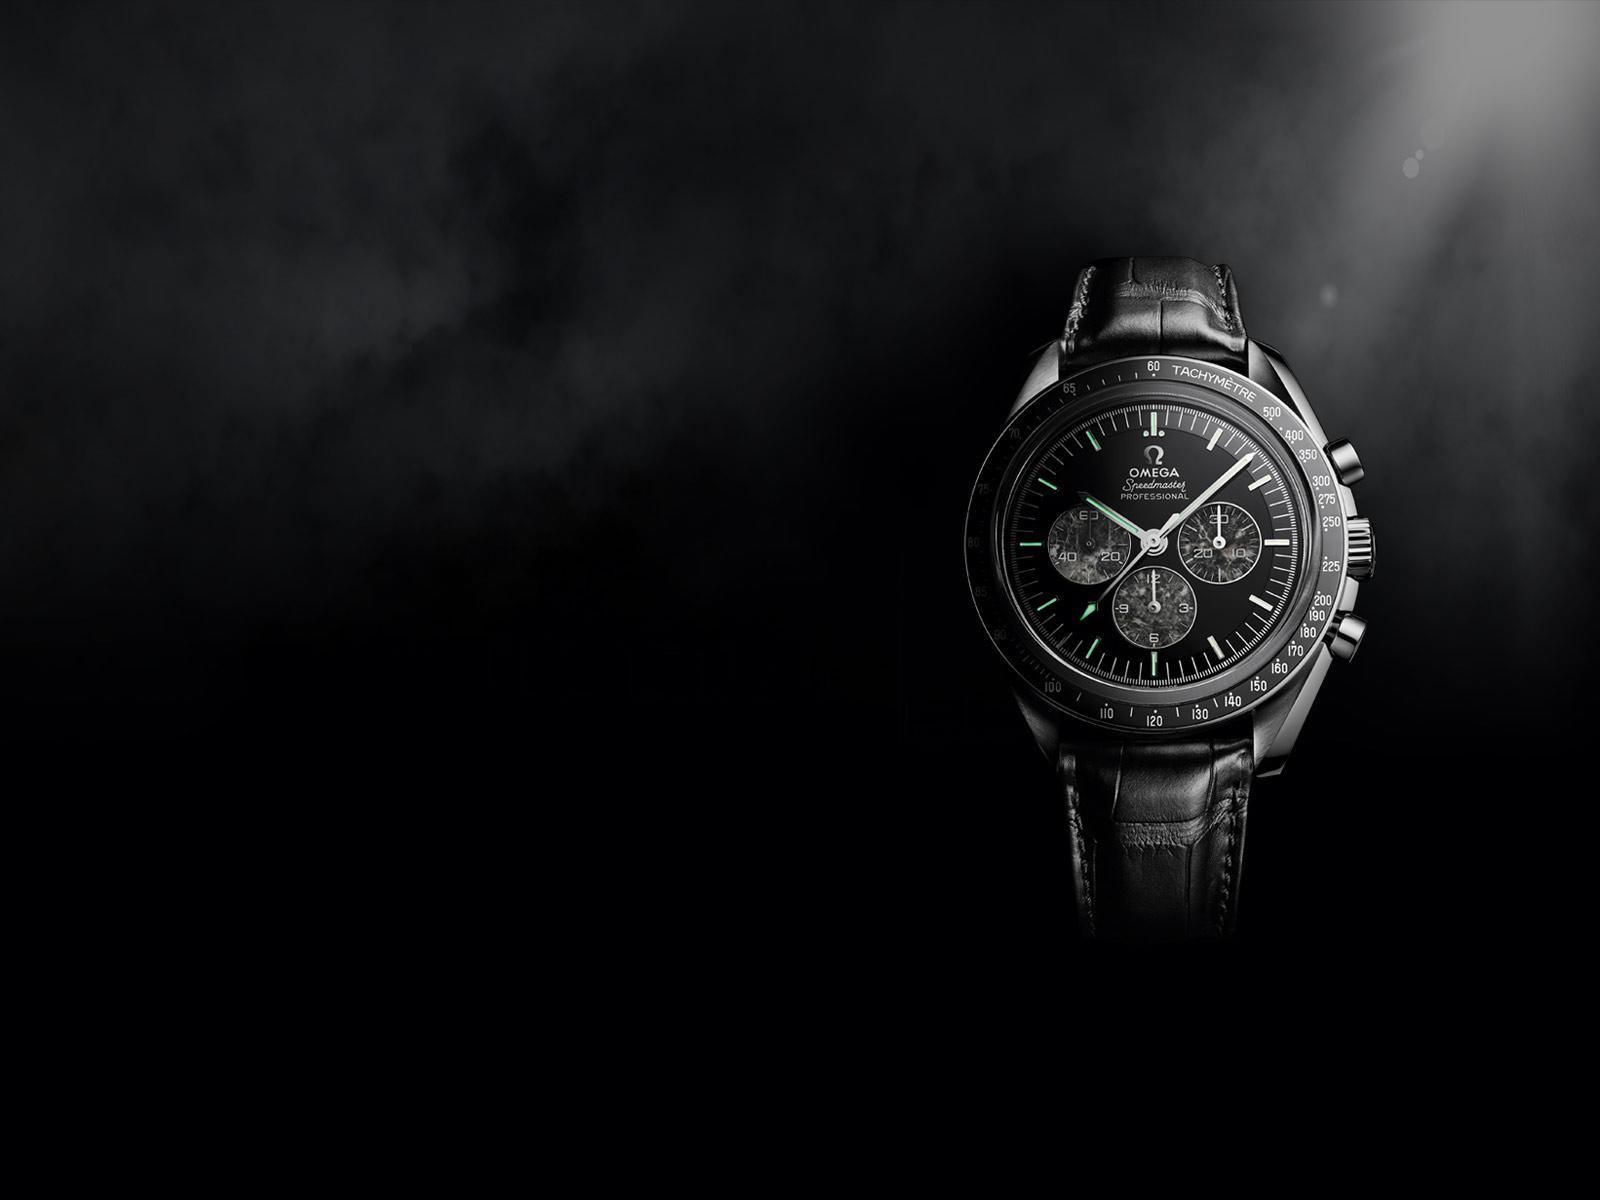 321铂金款腕表诞生